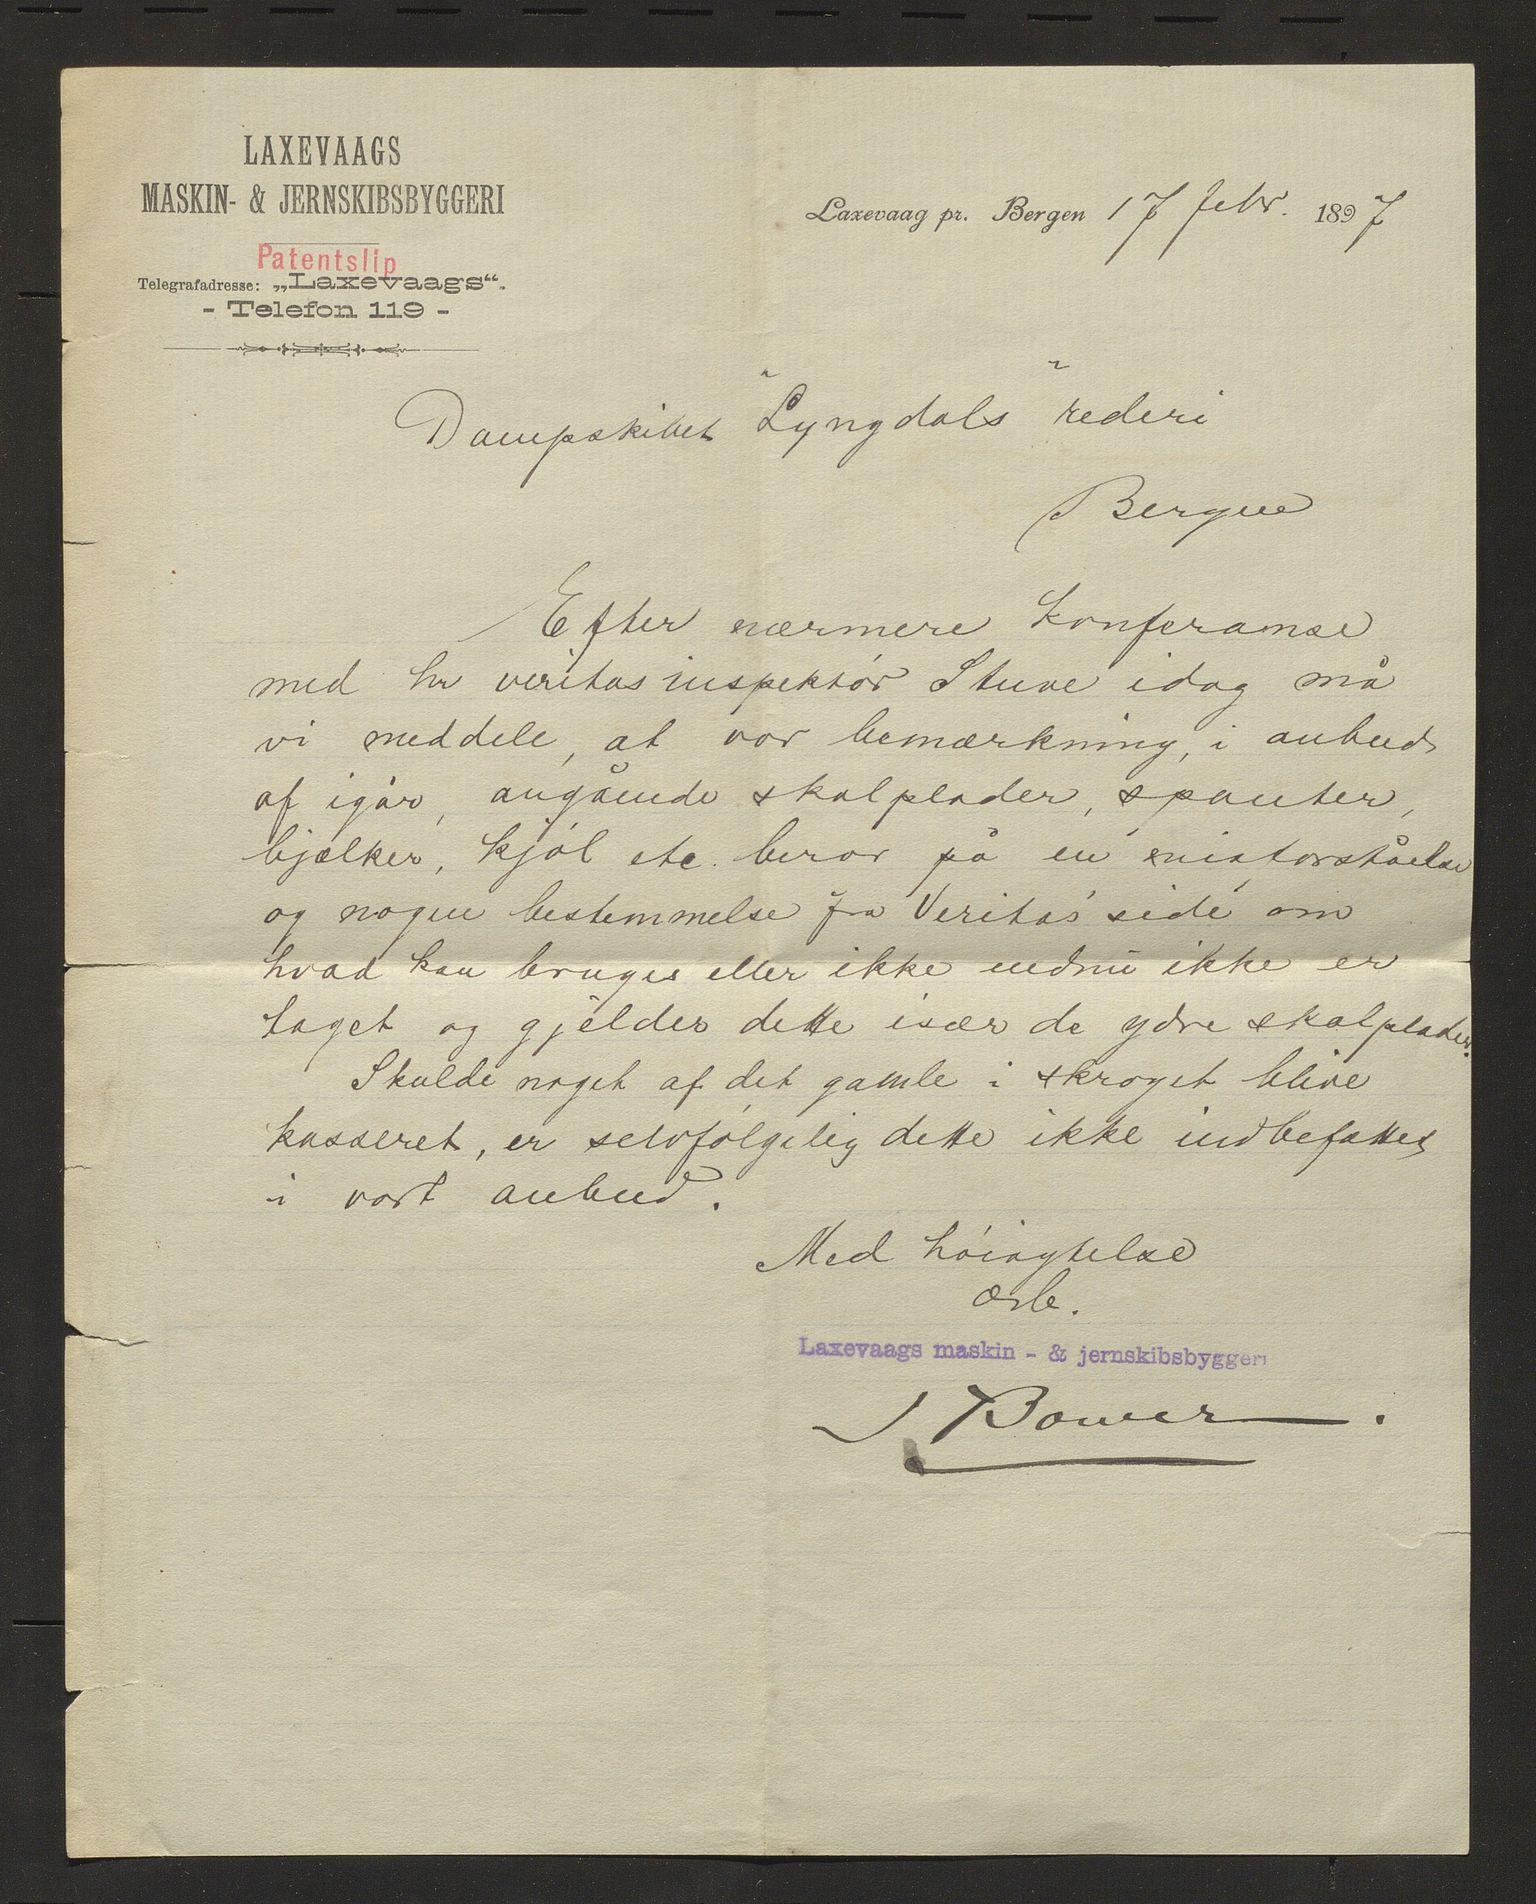 IKAH, Lyngedals dampskipsselskap, E/Ea/L0001: Korrespondanse , 1897